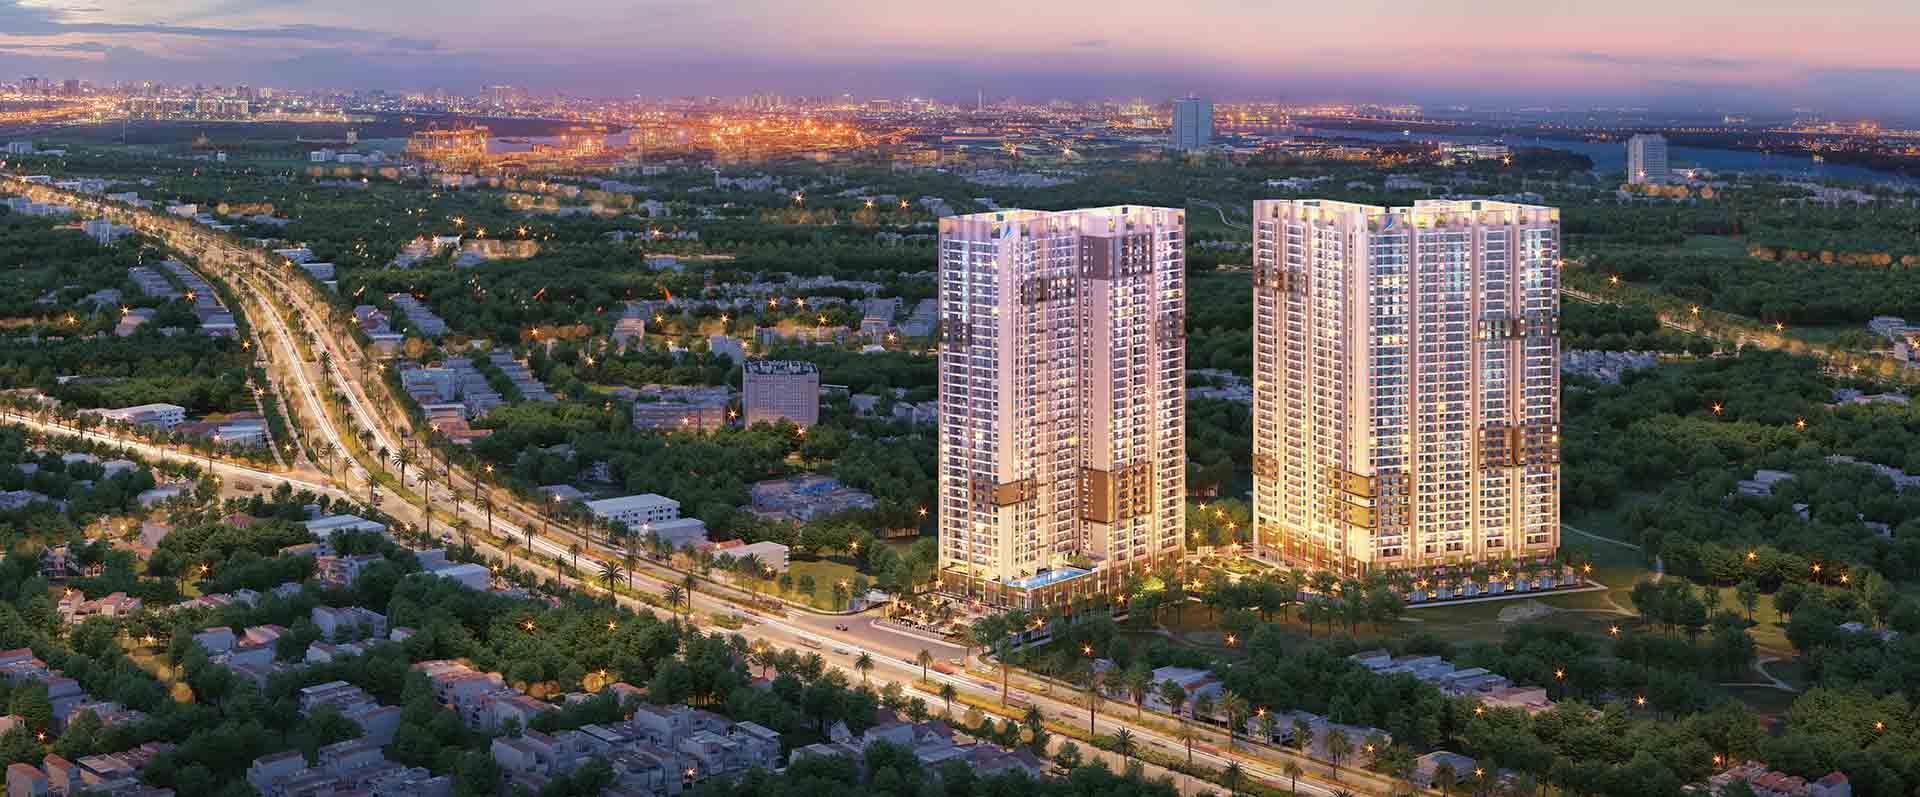 Đất Xanh phát hành 368 tỉ đồng trái phiếu, bảo đảm bằng hai dự án ST Moritz và Opal Boulevard - Ảnh 2.